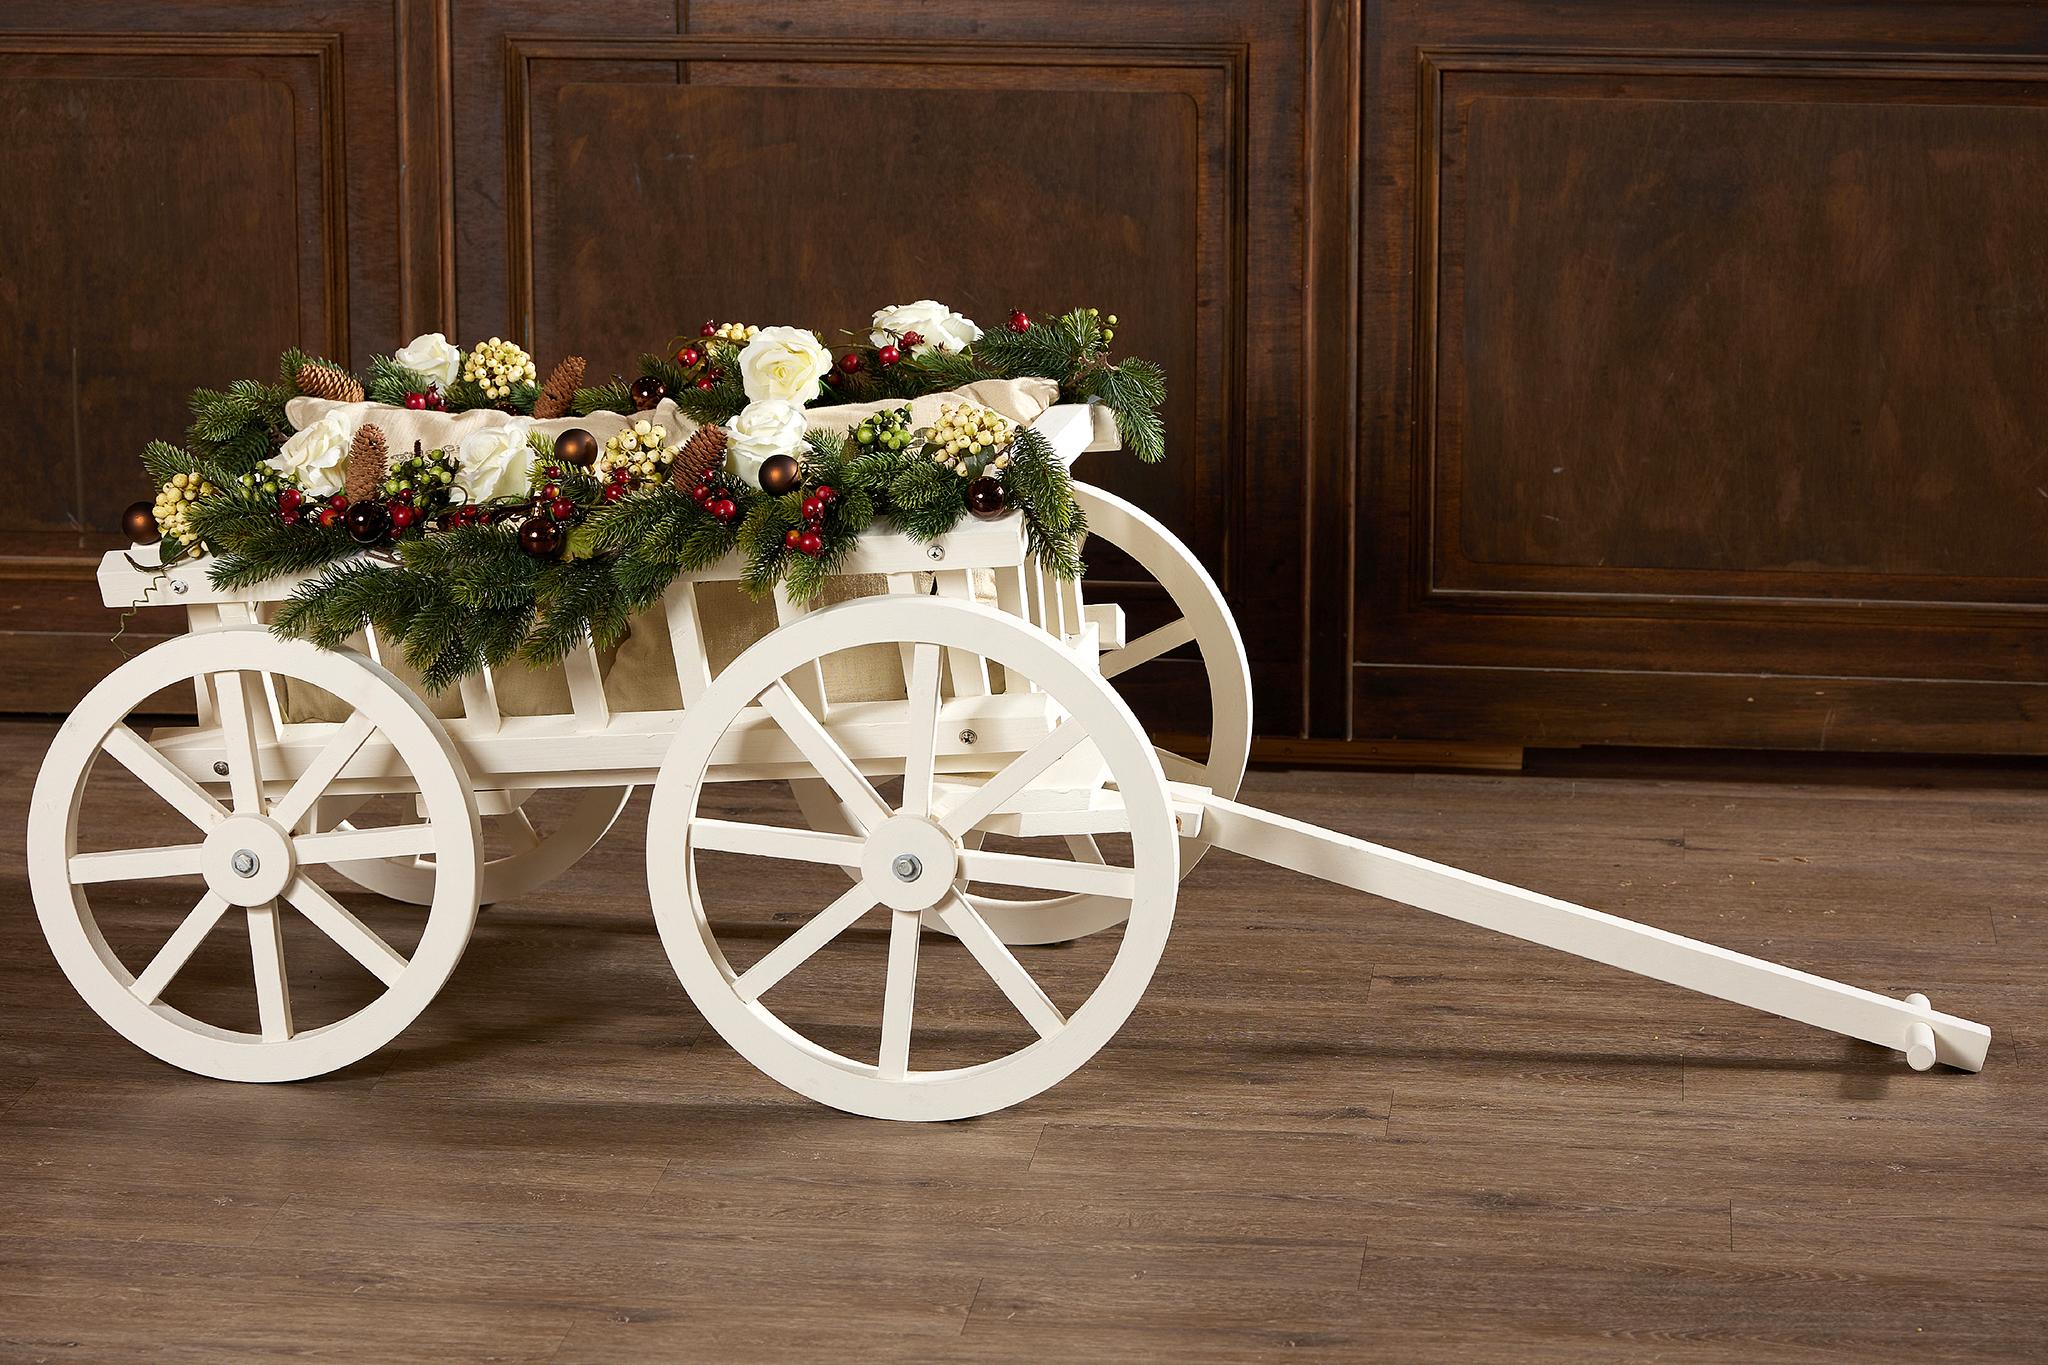 台中花藝佈置花車佈置婚禮佈置使用花車拍攝